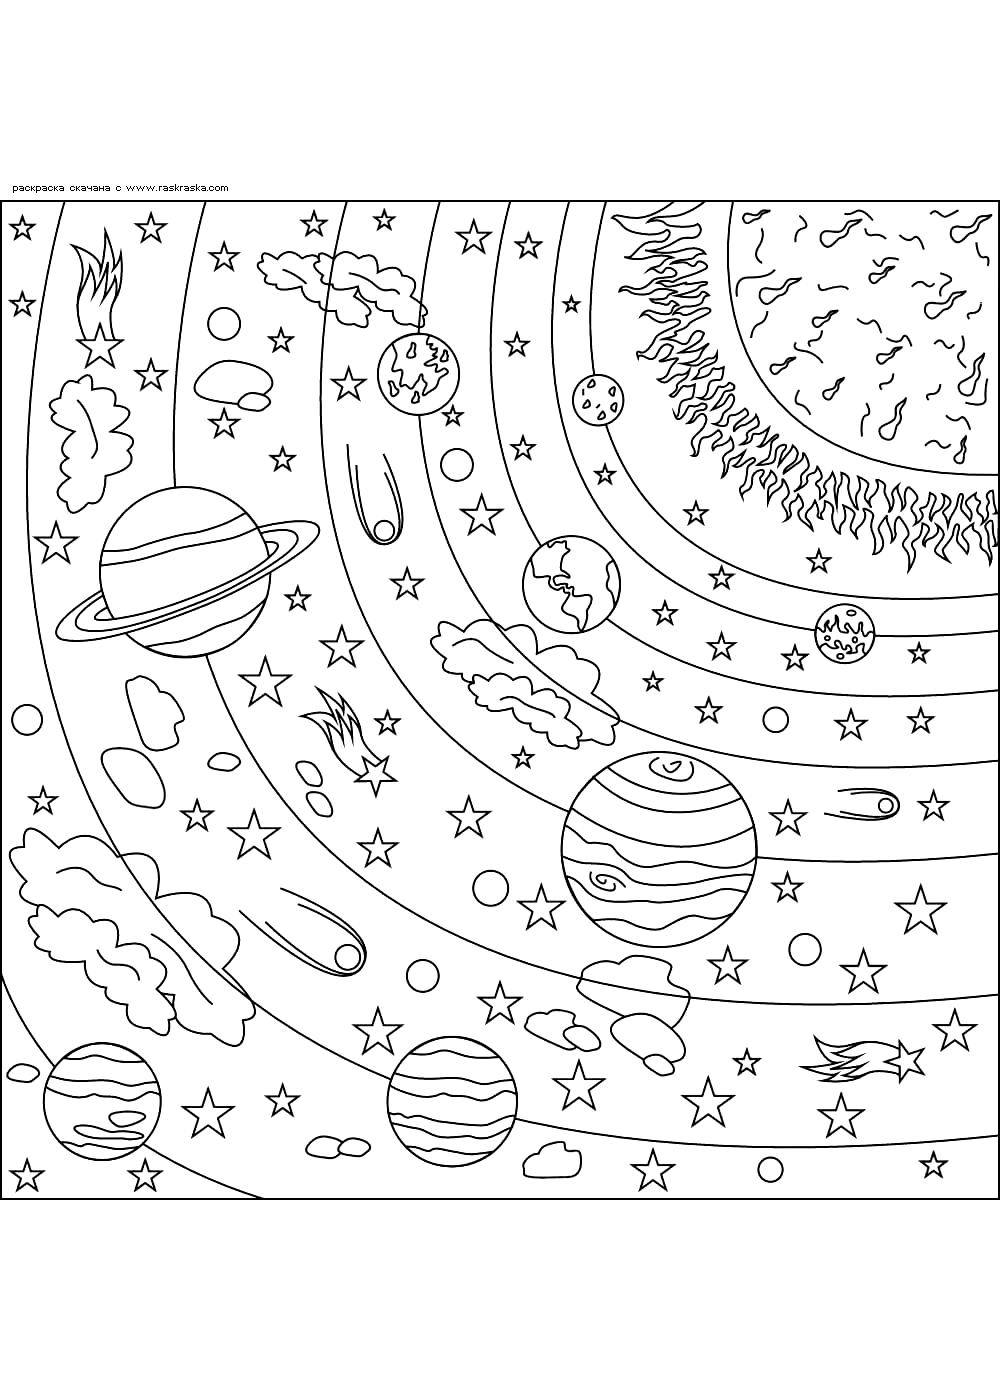 Раскраска Солнечная система. Раскраска космос, антистресс